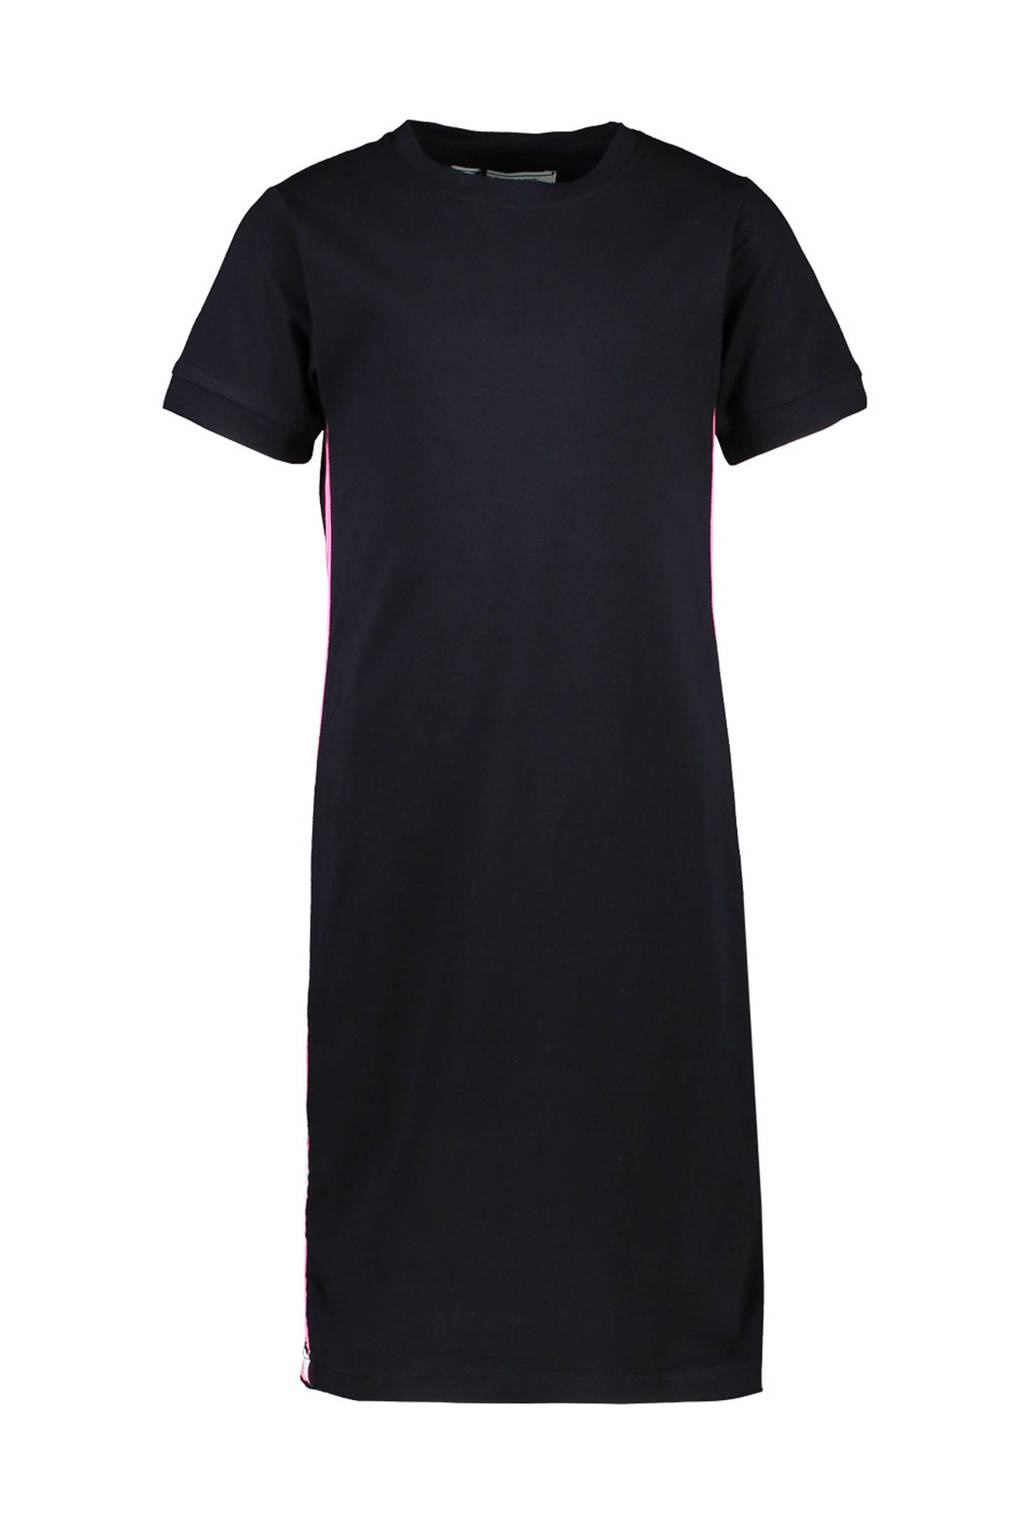 Cars jersey jurk Louann met contrastbies zwart/roze/wit, Zwart/roze/wit